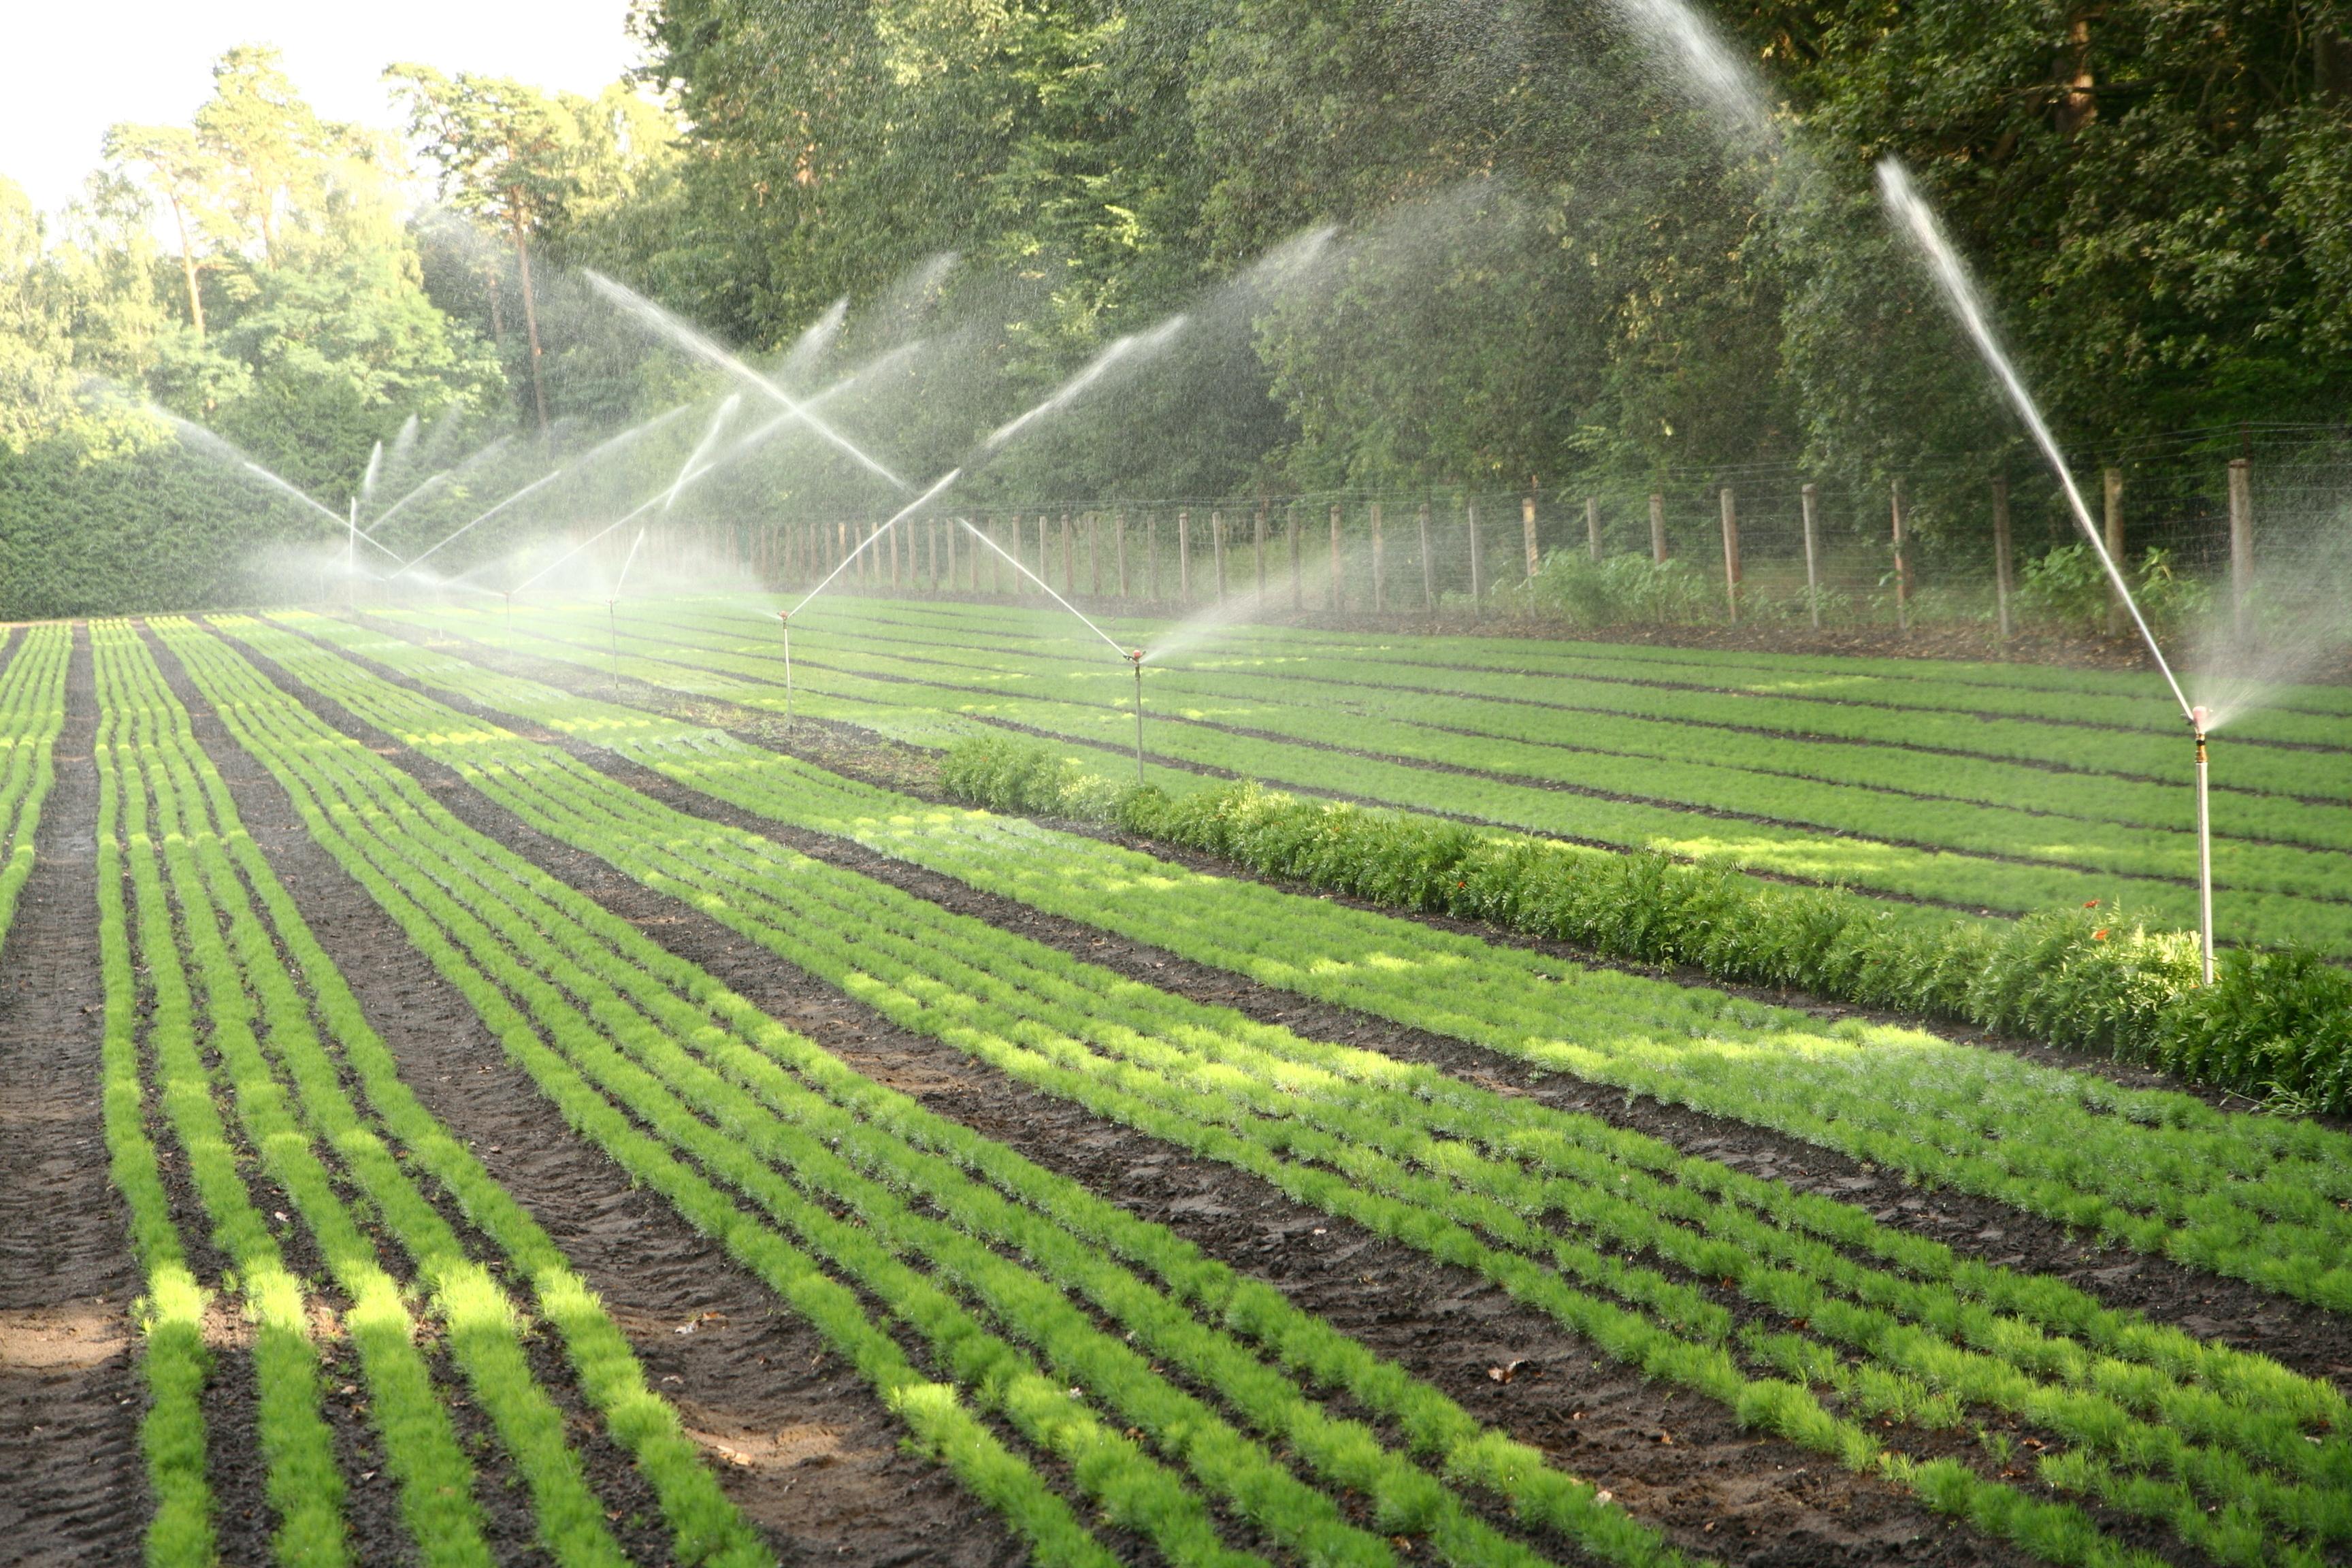 Sprinkler irrigation images galleries - Riego por aspersion ...